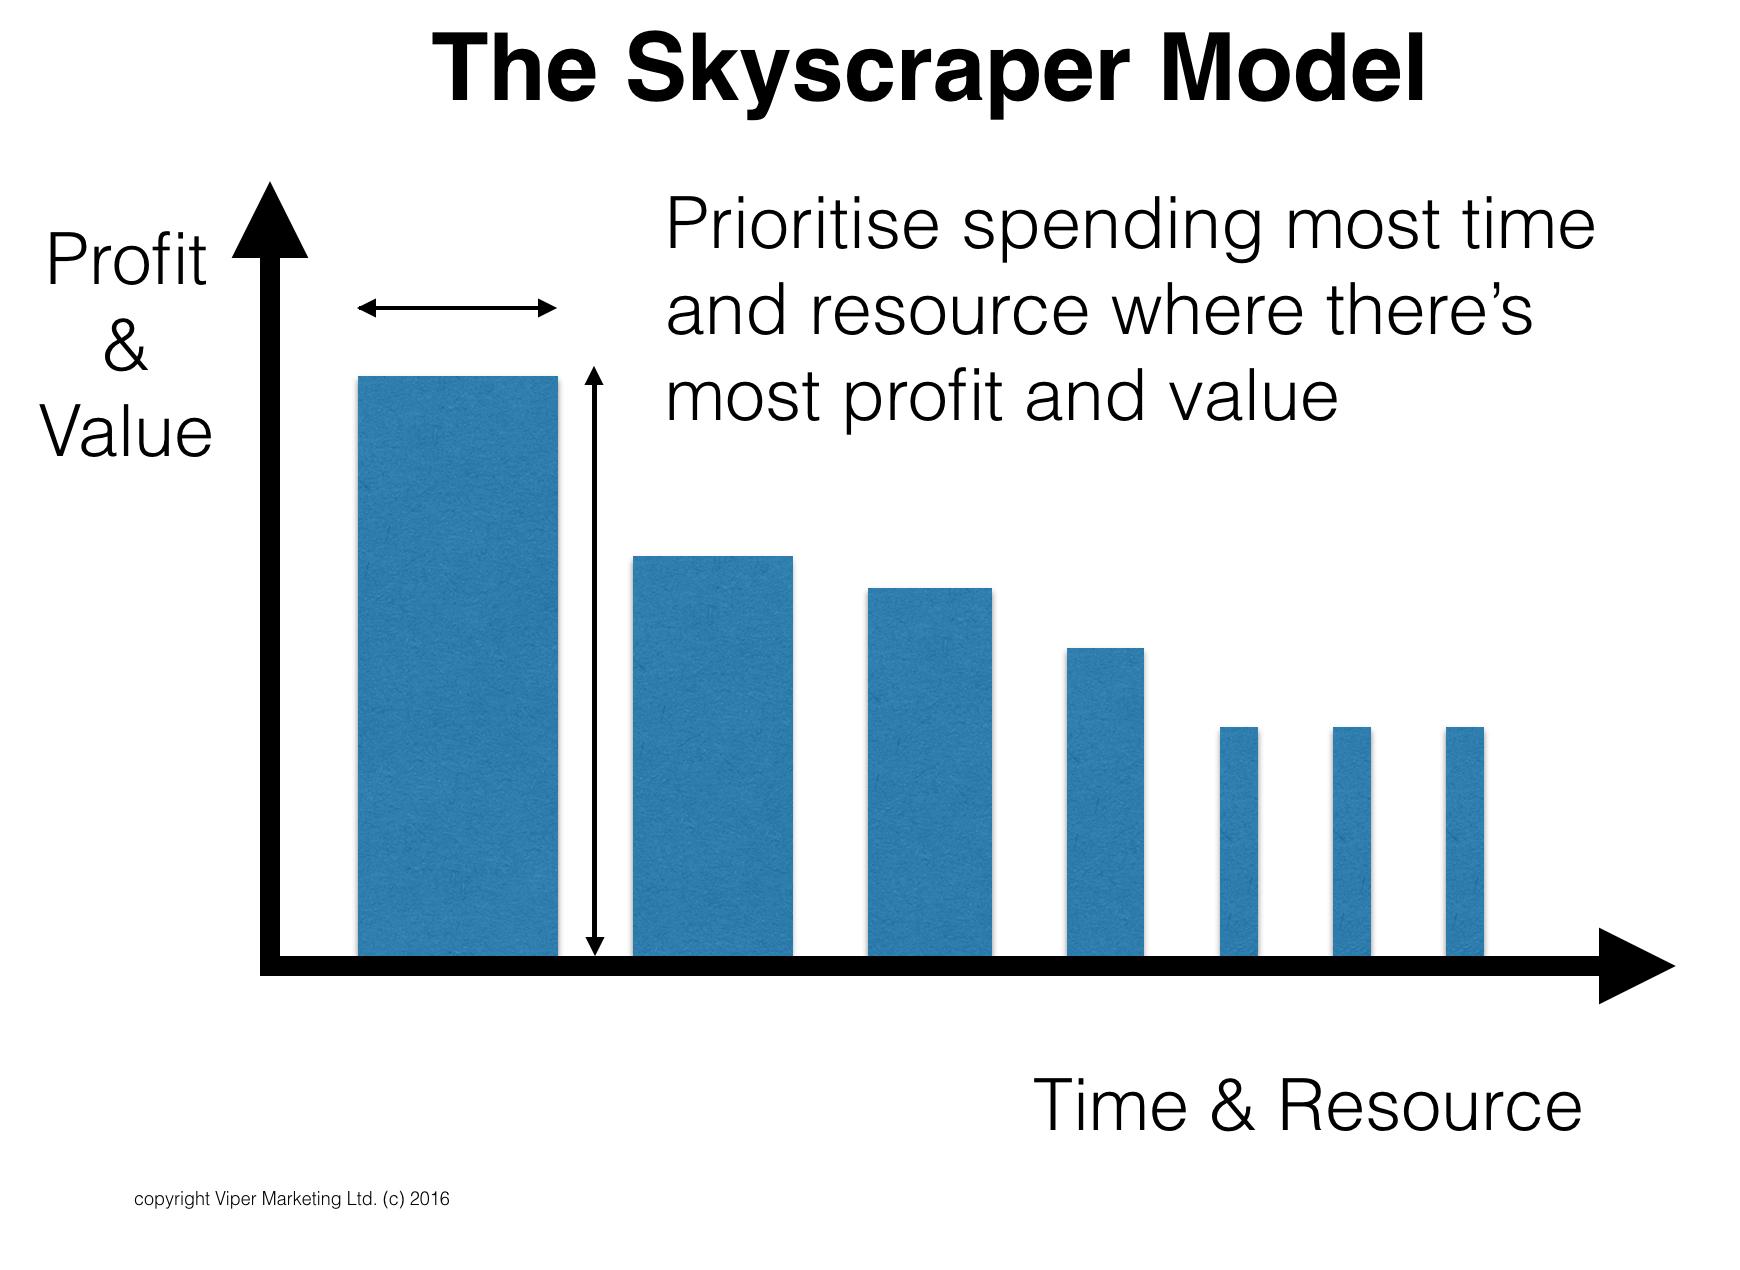 The Skyscraper Model